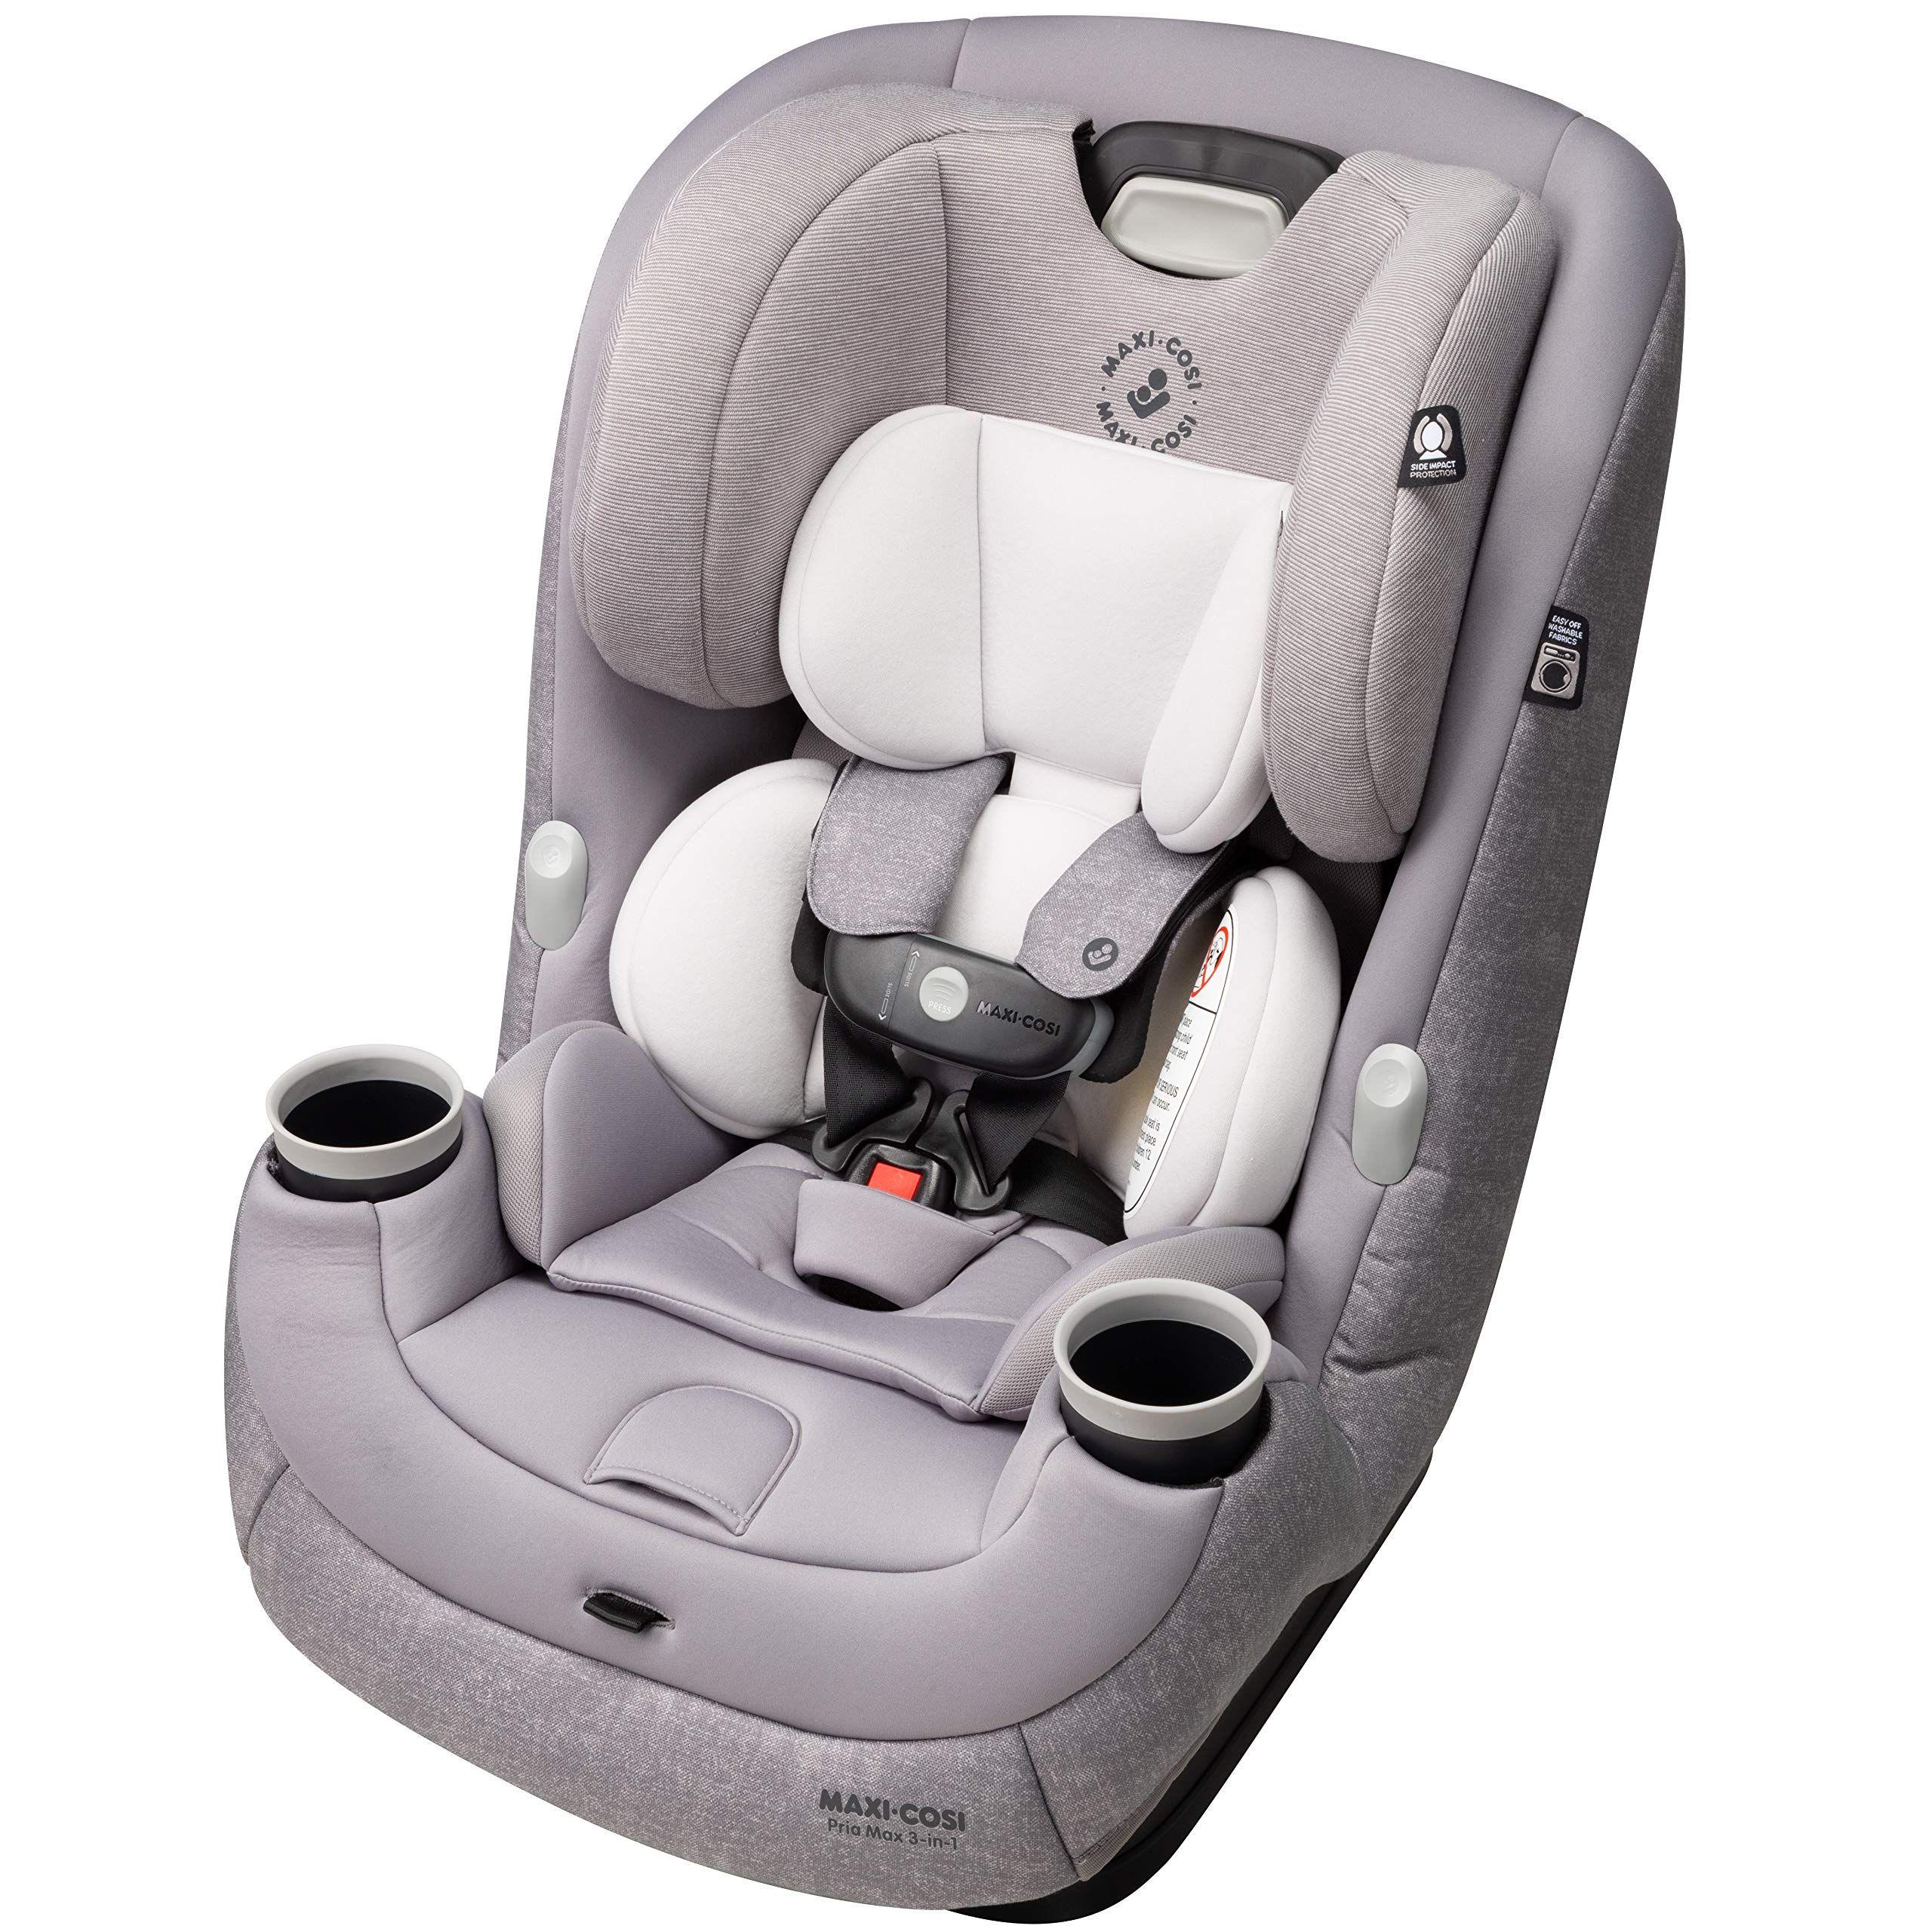 cc0235f22dfc6a6be1eb5517f1bdac45 - How To Get Cover Off Maxi Cosi Car Seat